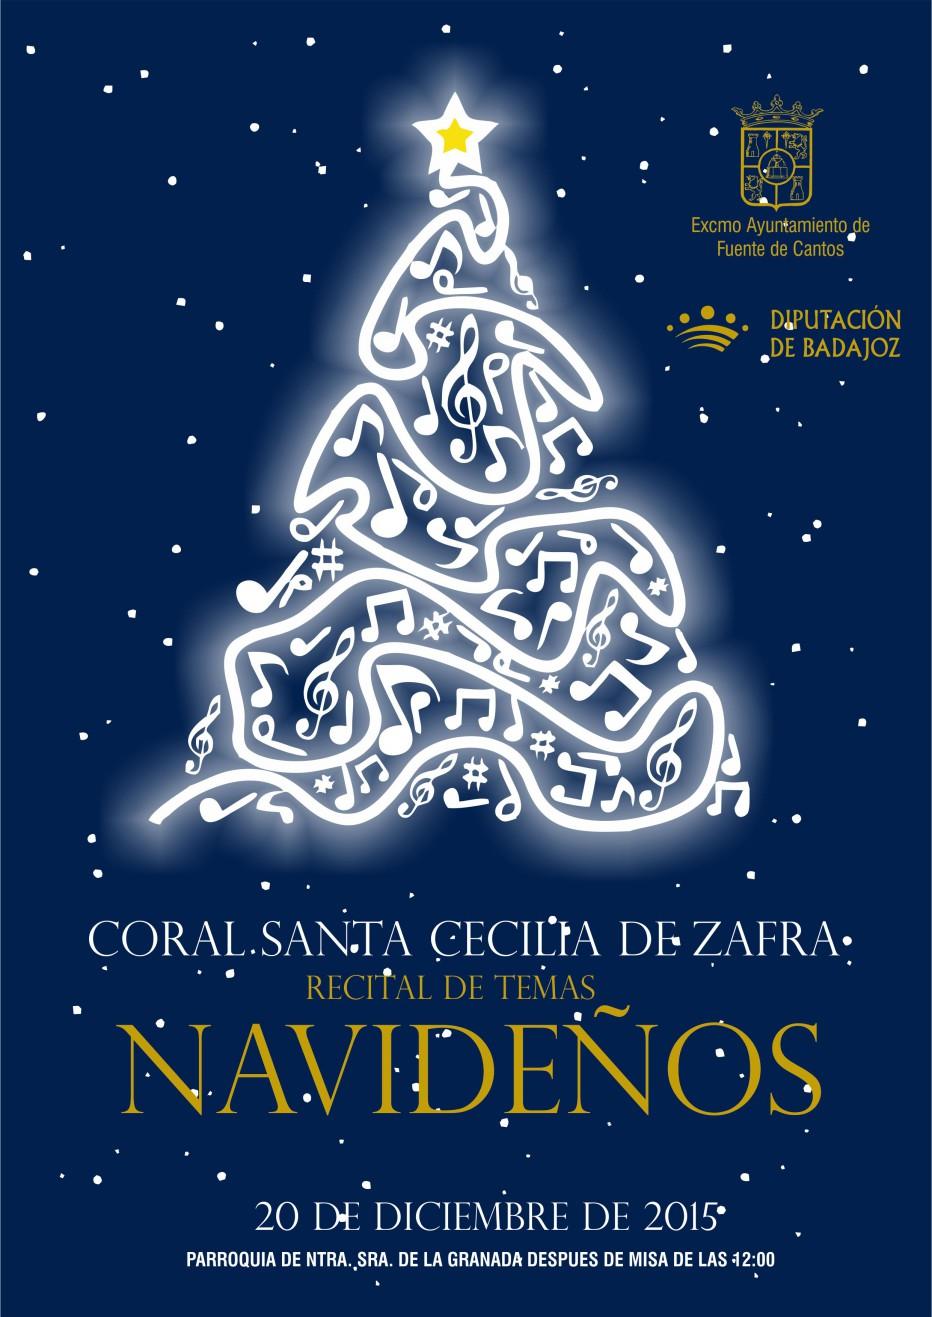 Recital de Temas Navideños el 20 de Diciembre